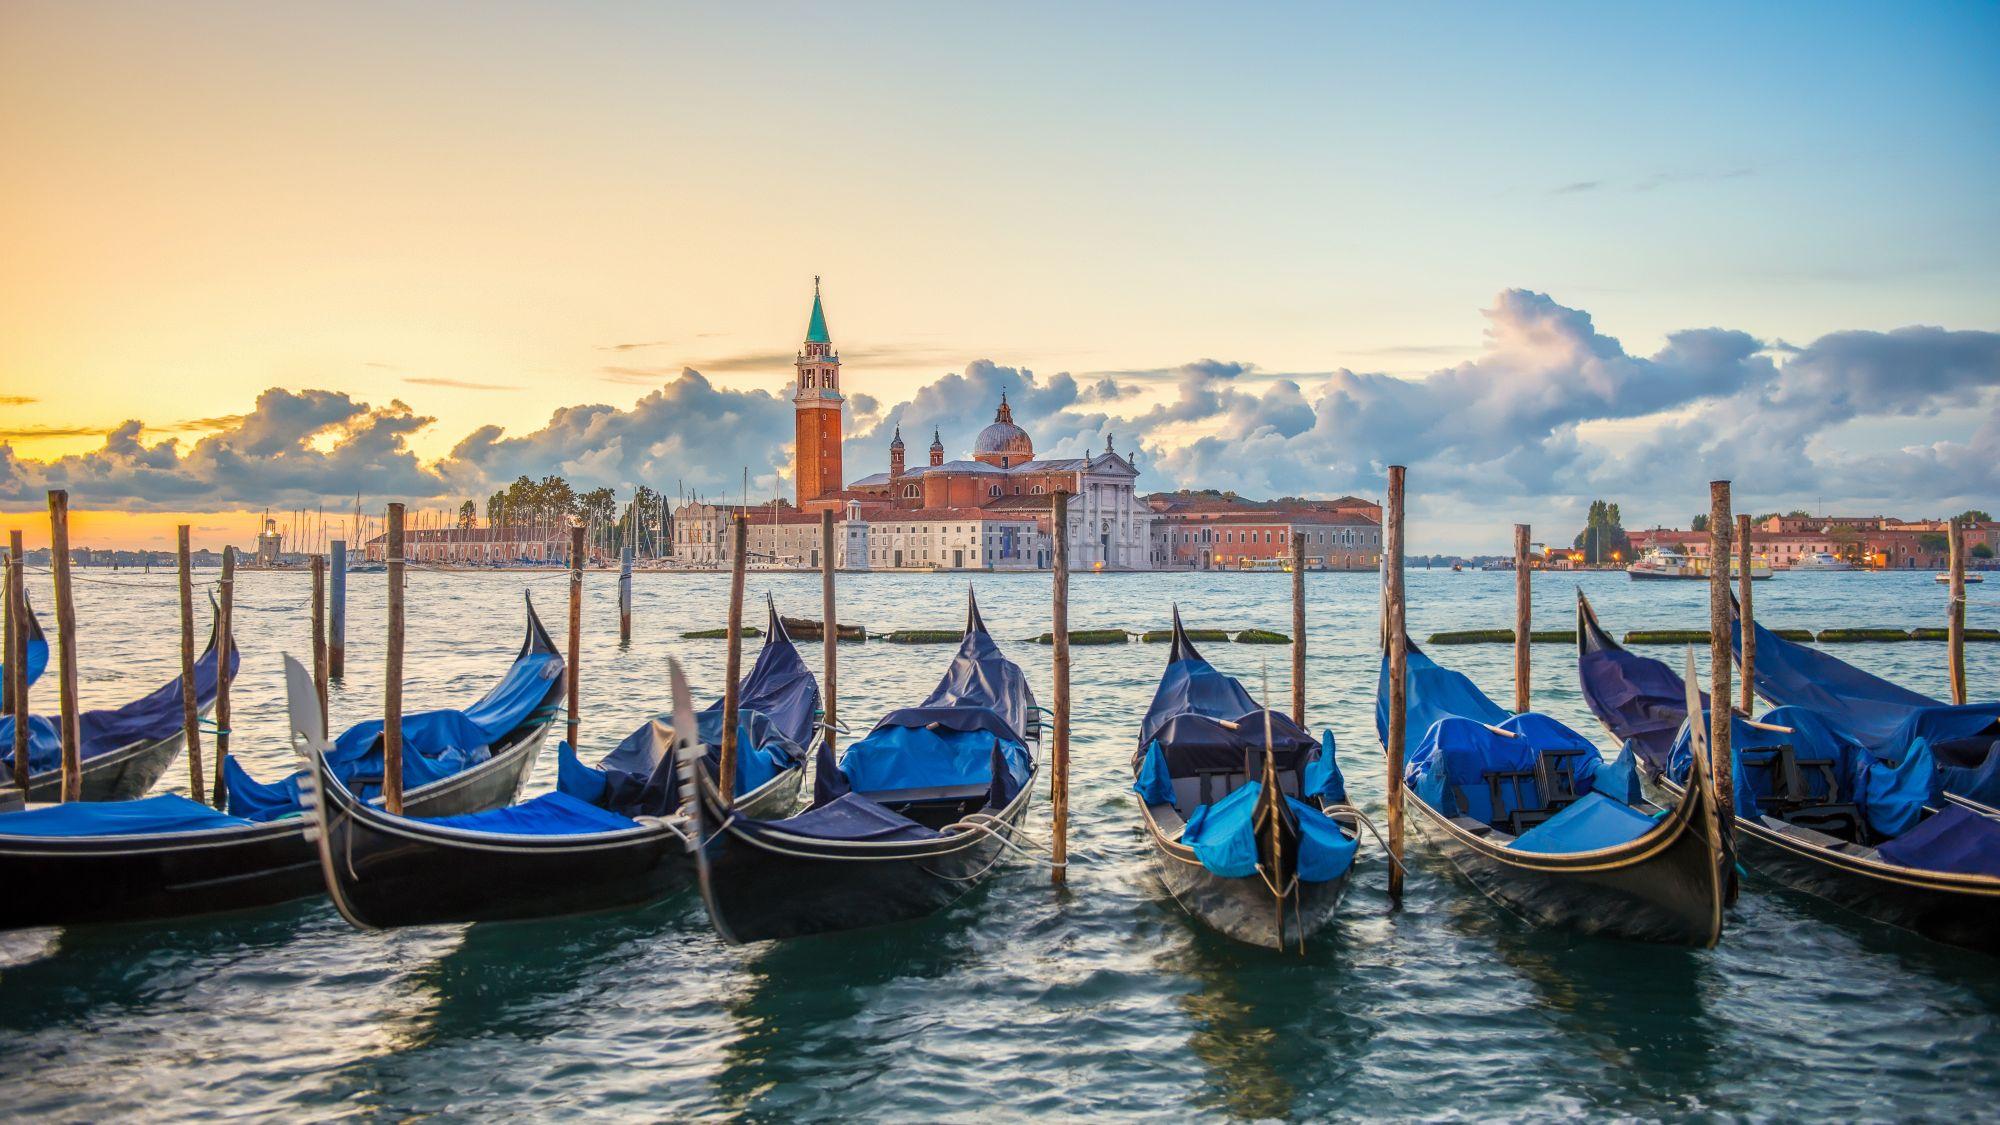 Wenecja widok łodzi